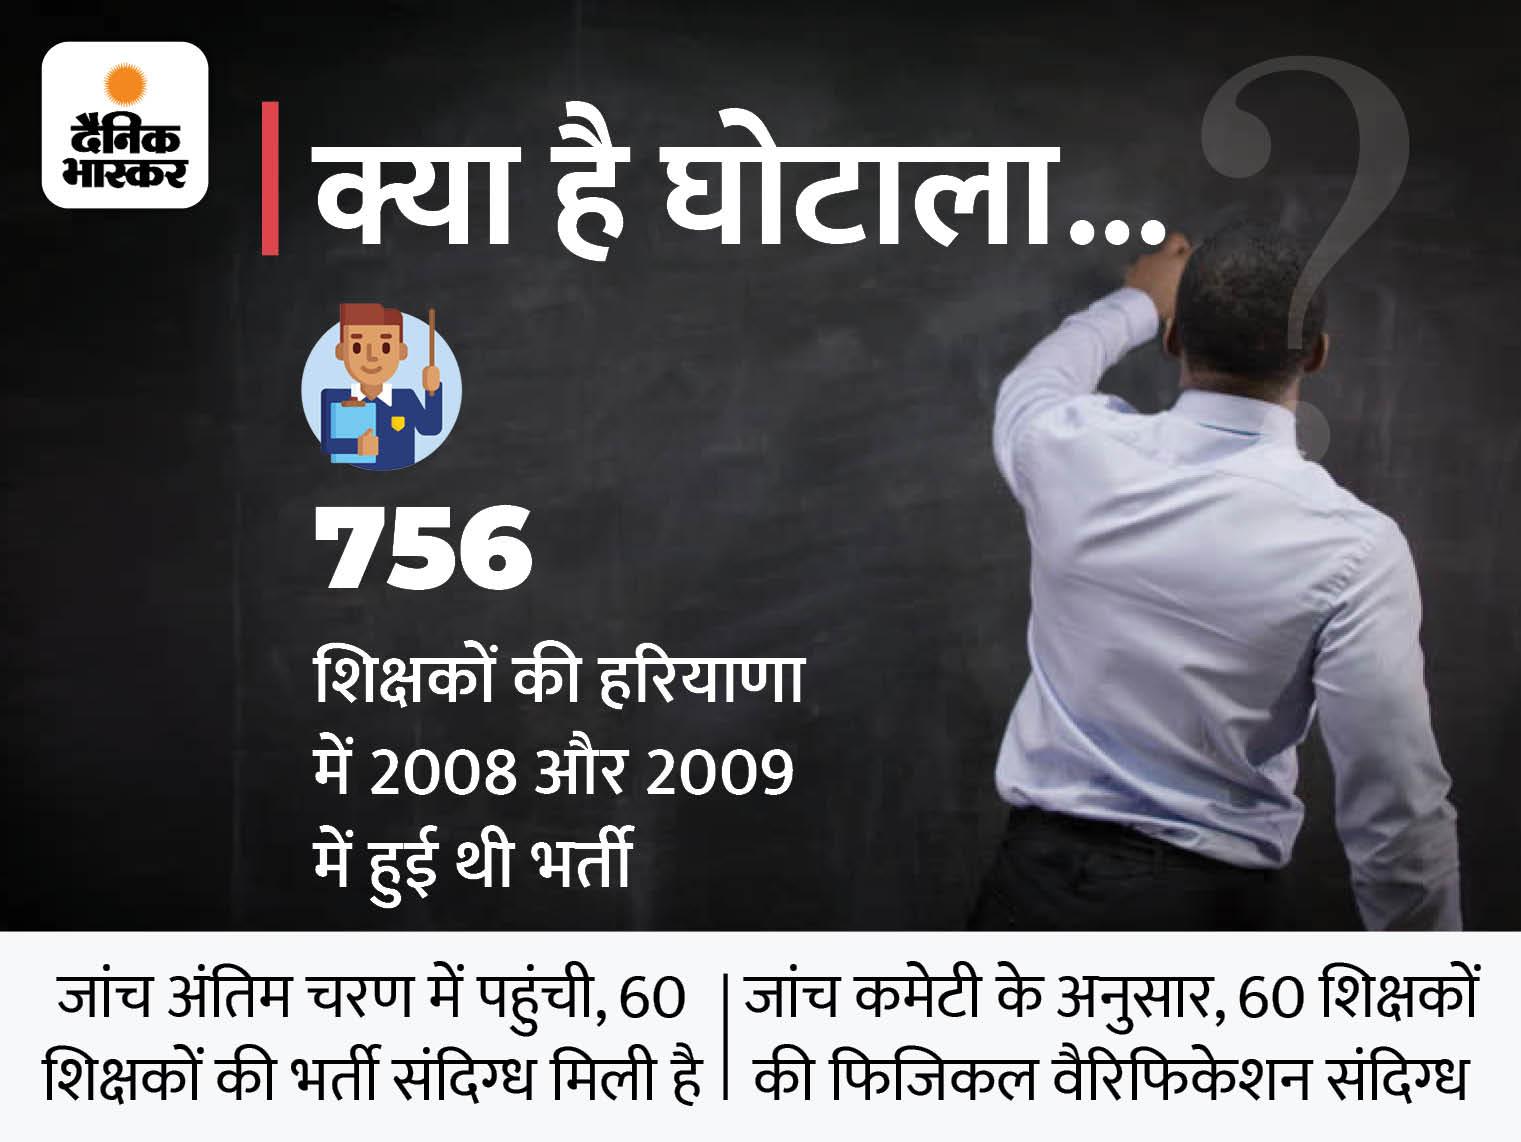 60 शिक्षकों के खिलाफ FIR दर्ज करने के आदेश पर लगाई रोक, प्रदेश सरकार को नोटिस जारी करके मांगा जवाब हिसार,Hisar - Dainik Bhaskar